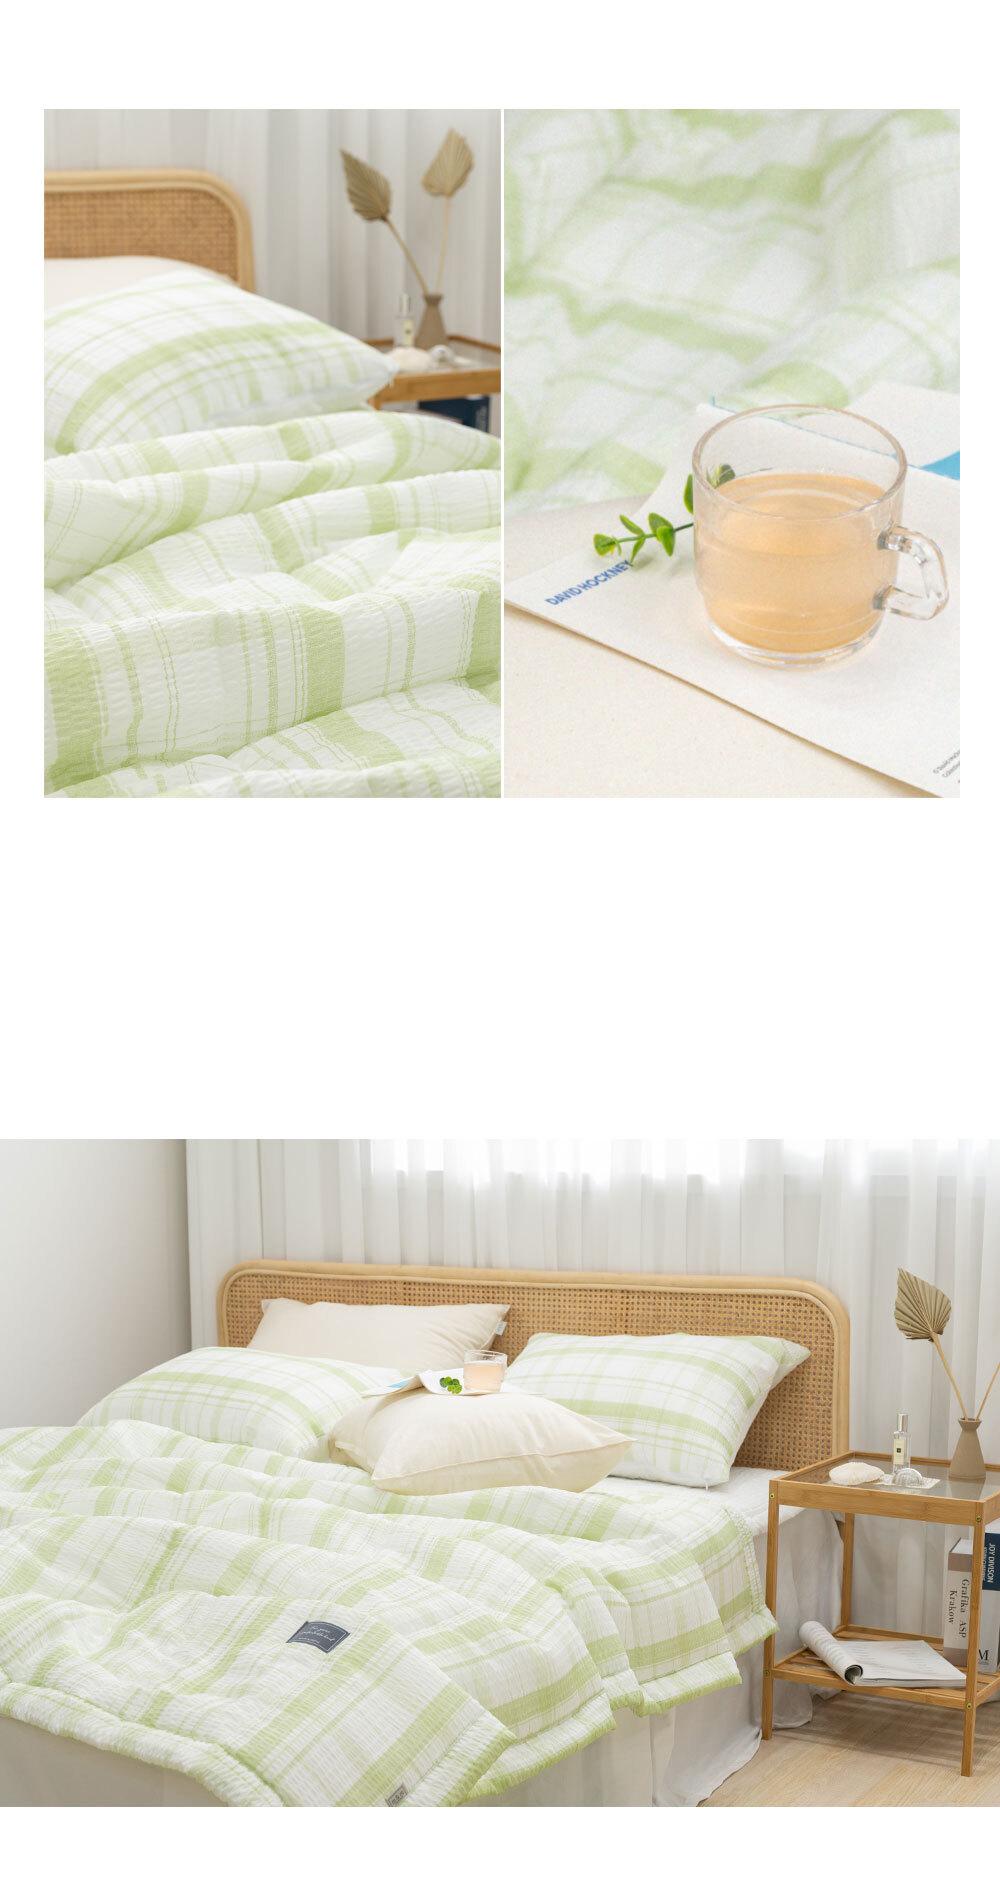 butterring_bed_green_04.jpg